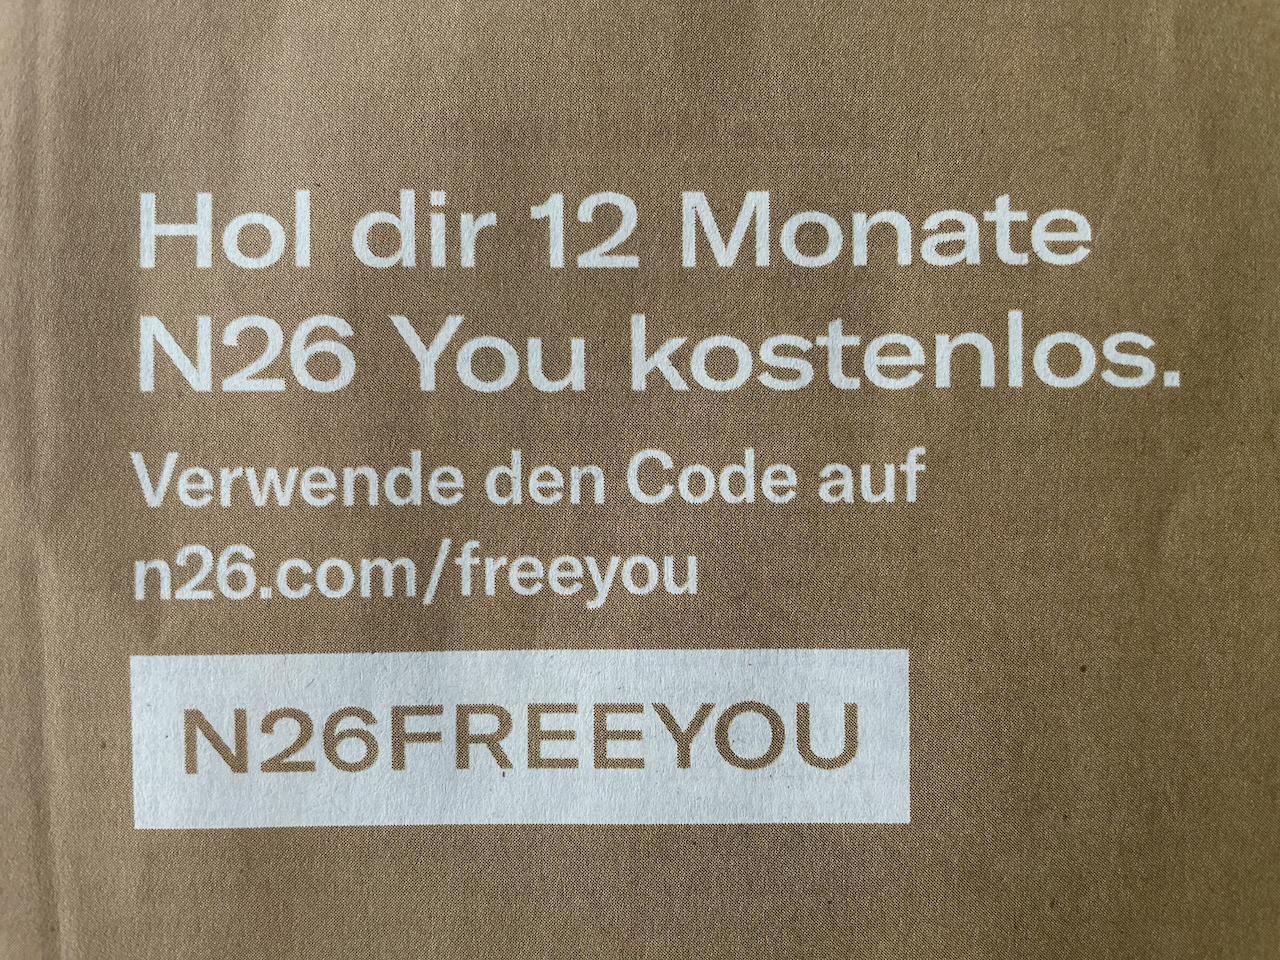 N26 : Ein Jahr N26 You kostenlos (Ersparnis 118,80 Euro) Neukunden